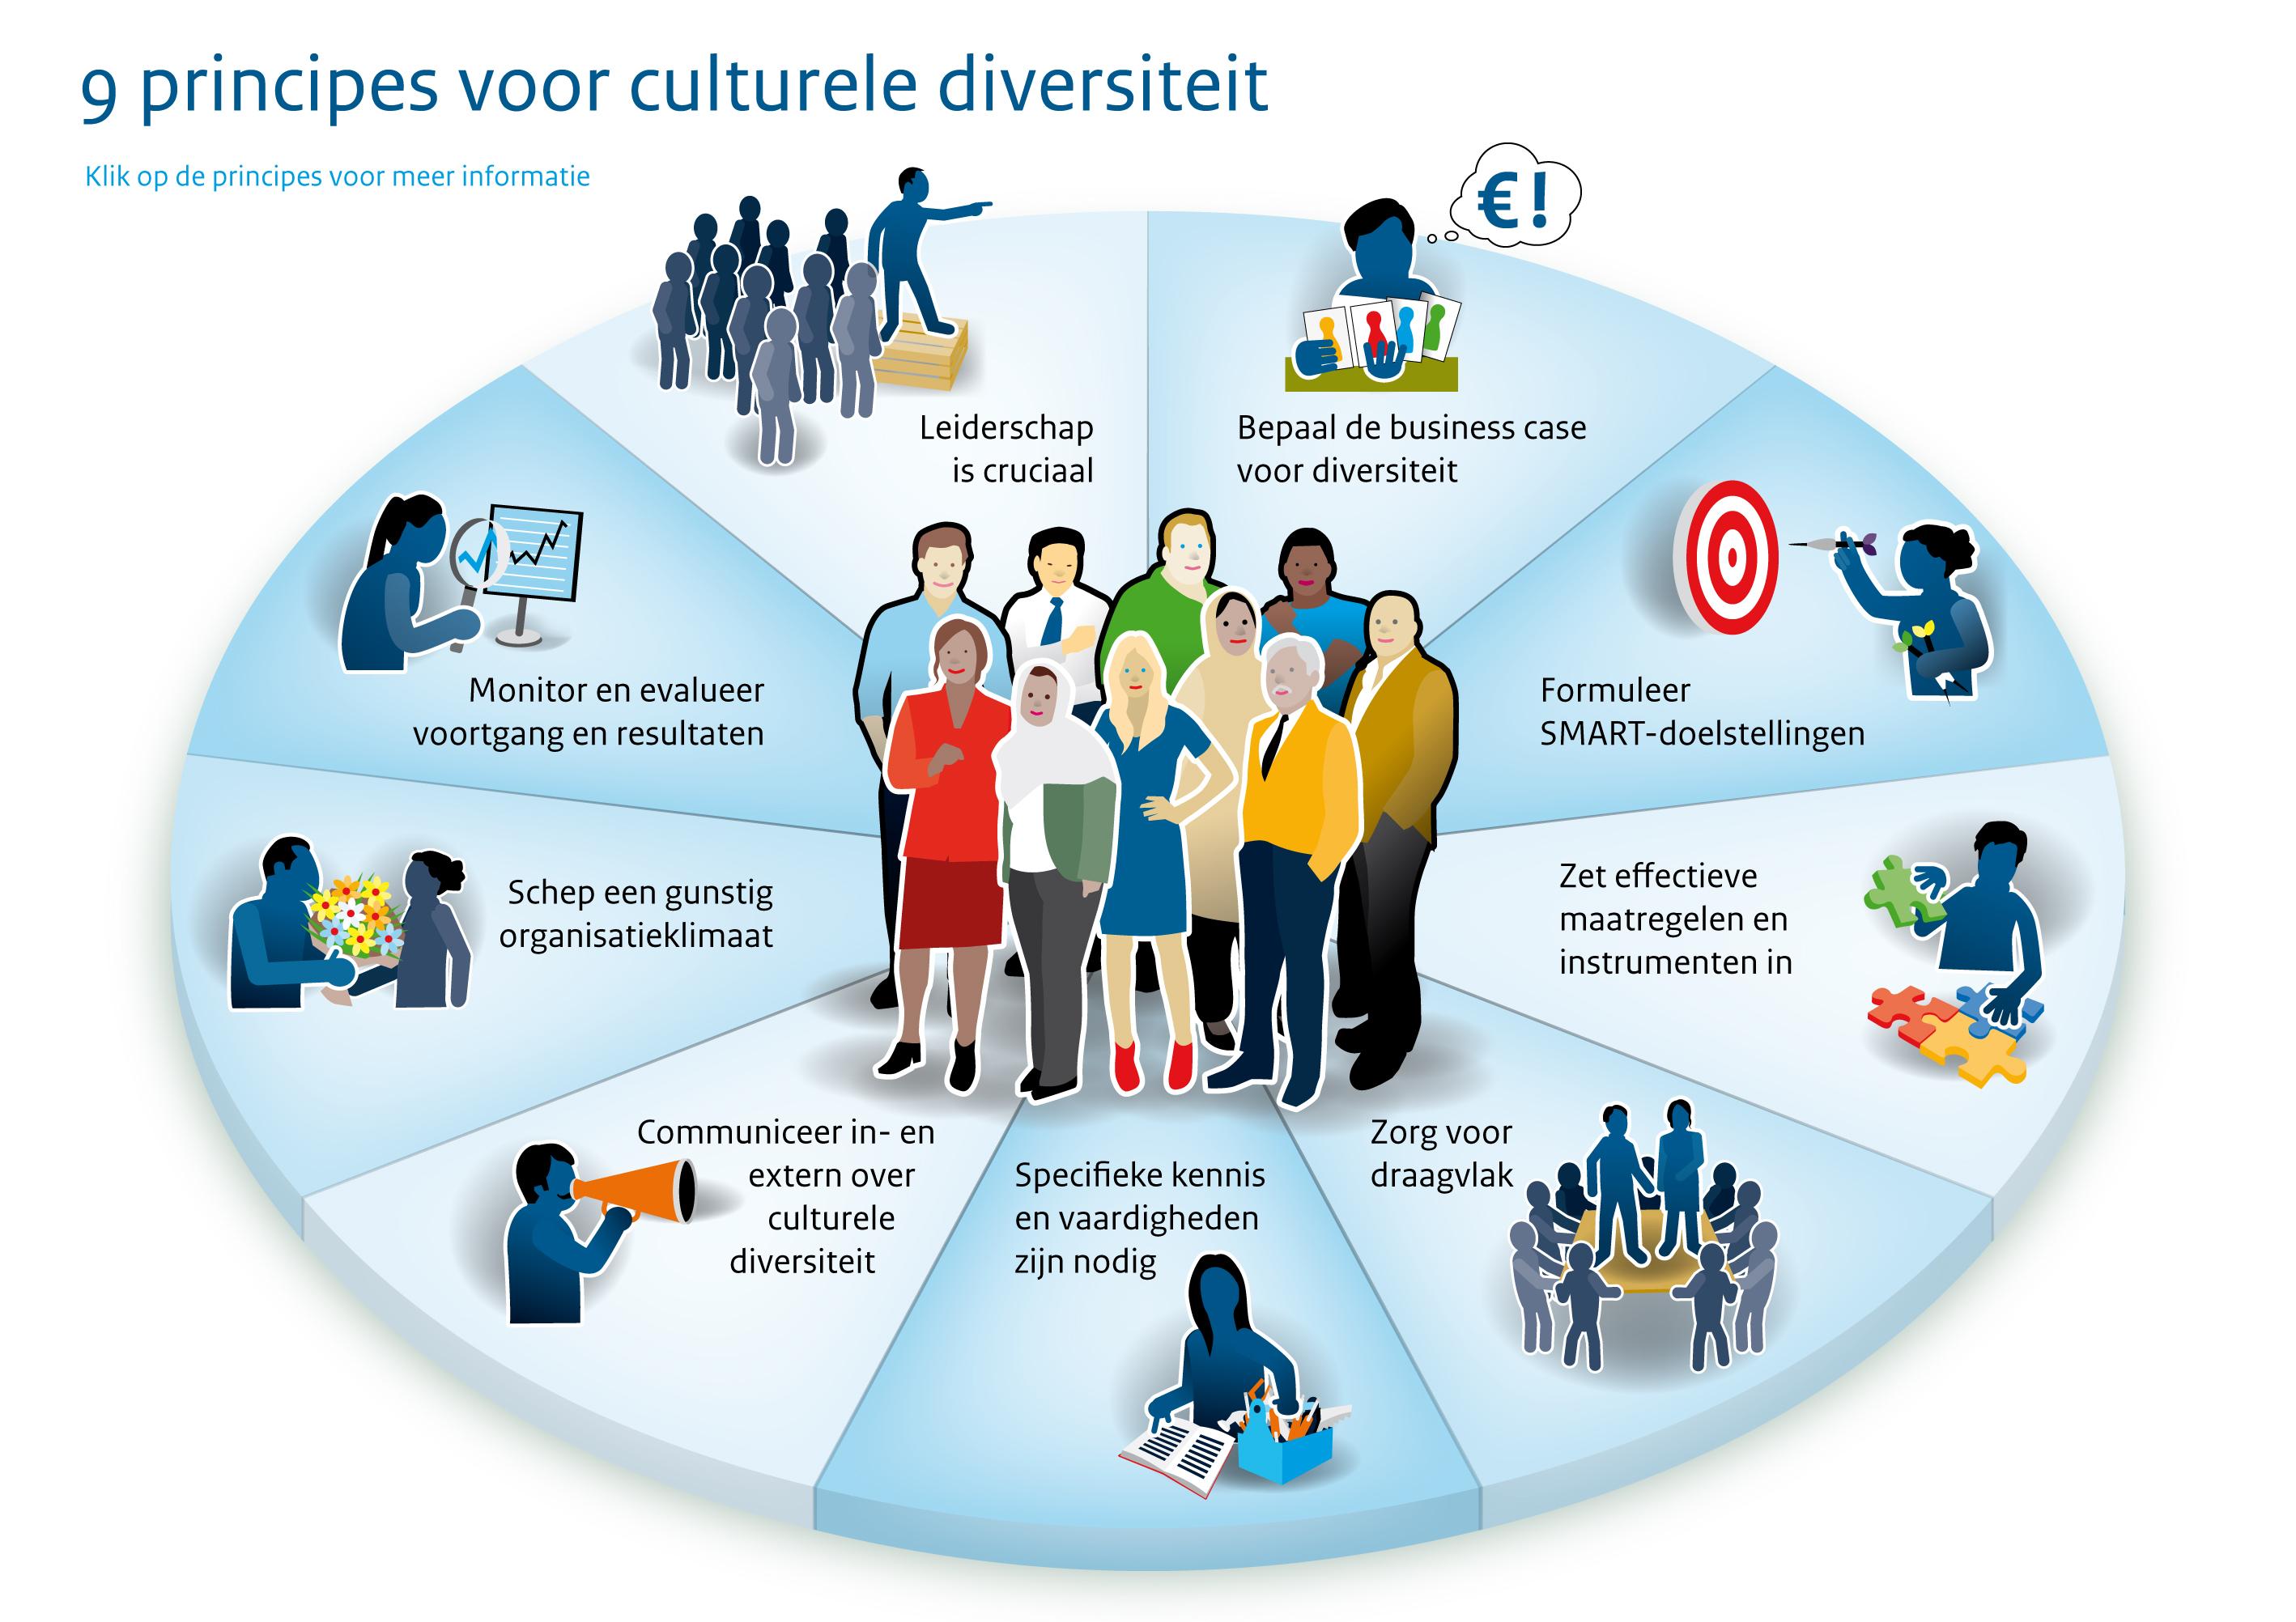 Principes voor de culturele diversiteit